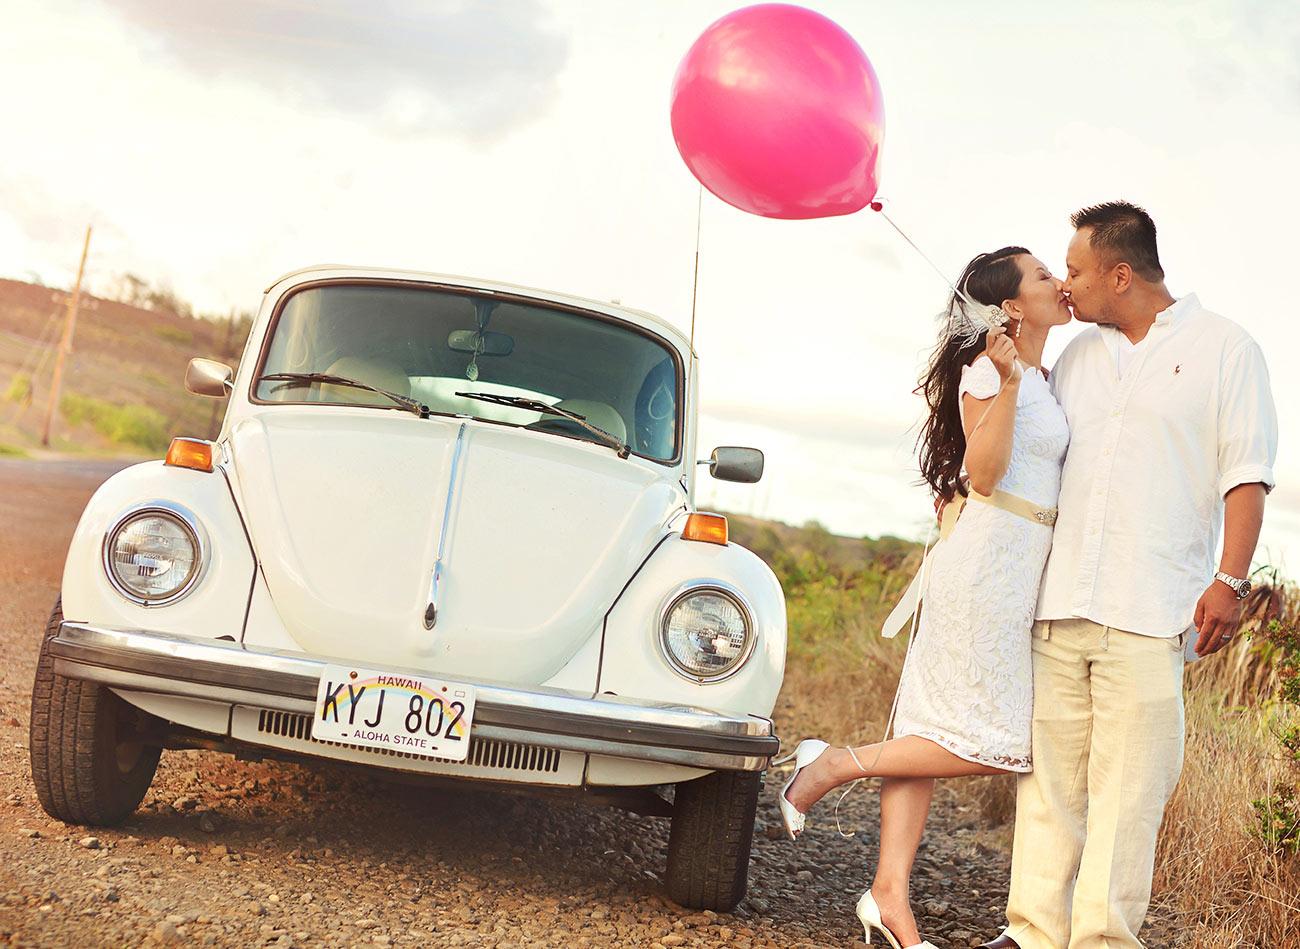 Kauai-Island-Hawaii-wedding-photo-(55).jpg